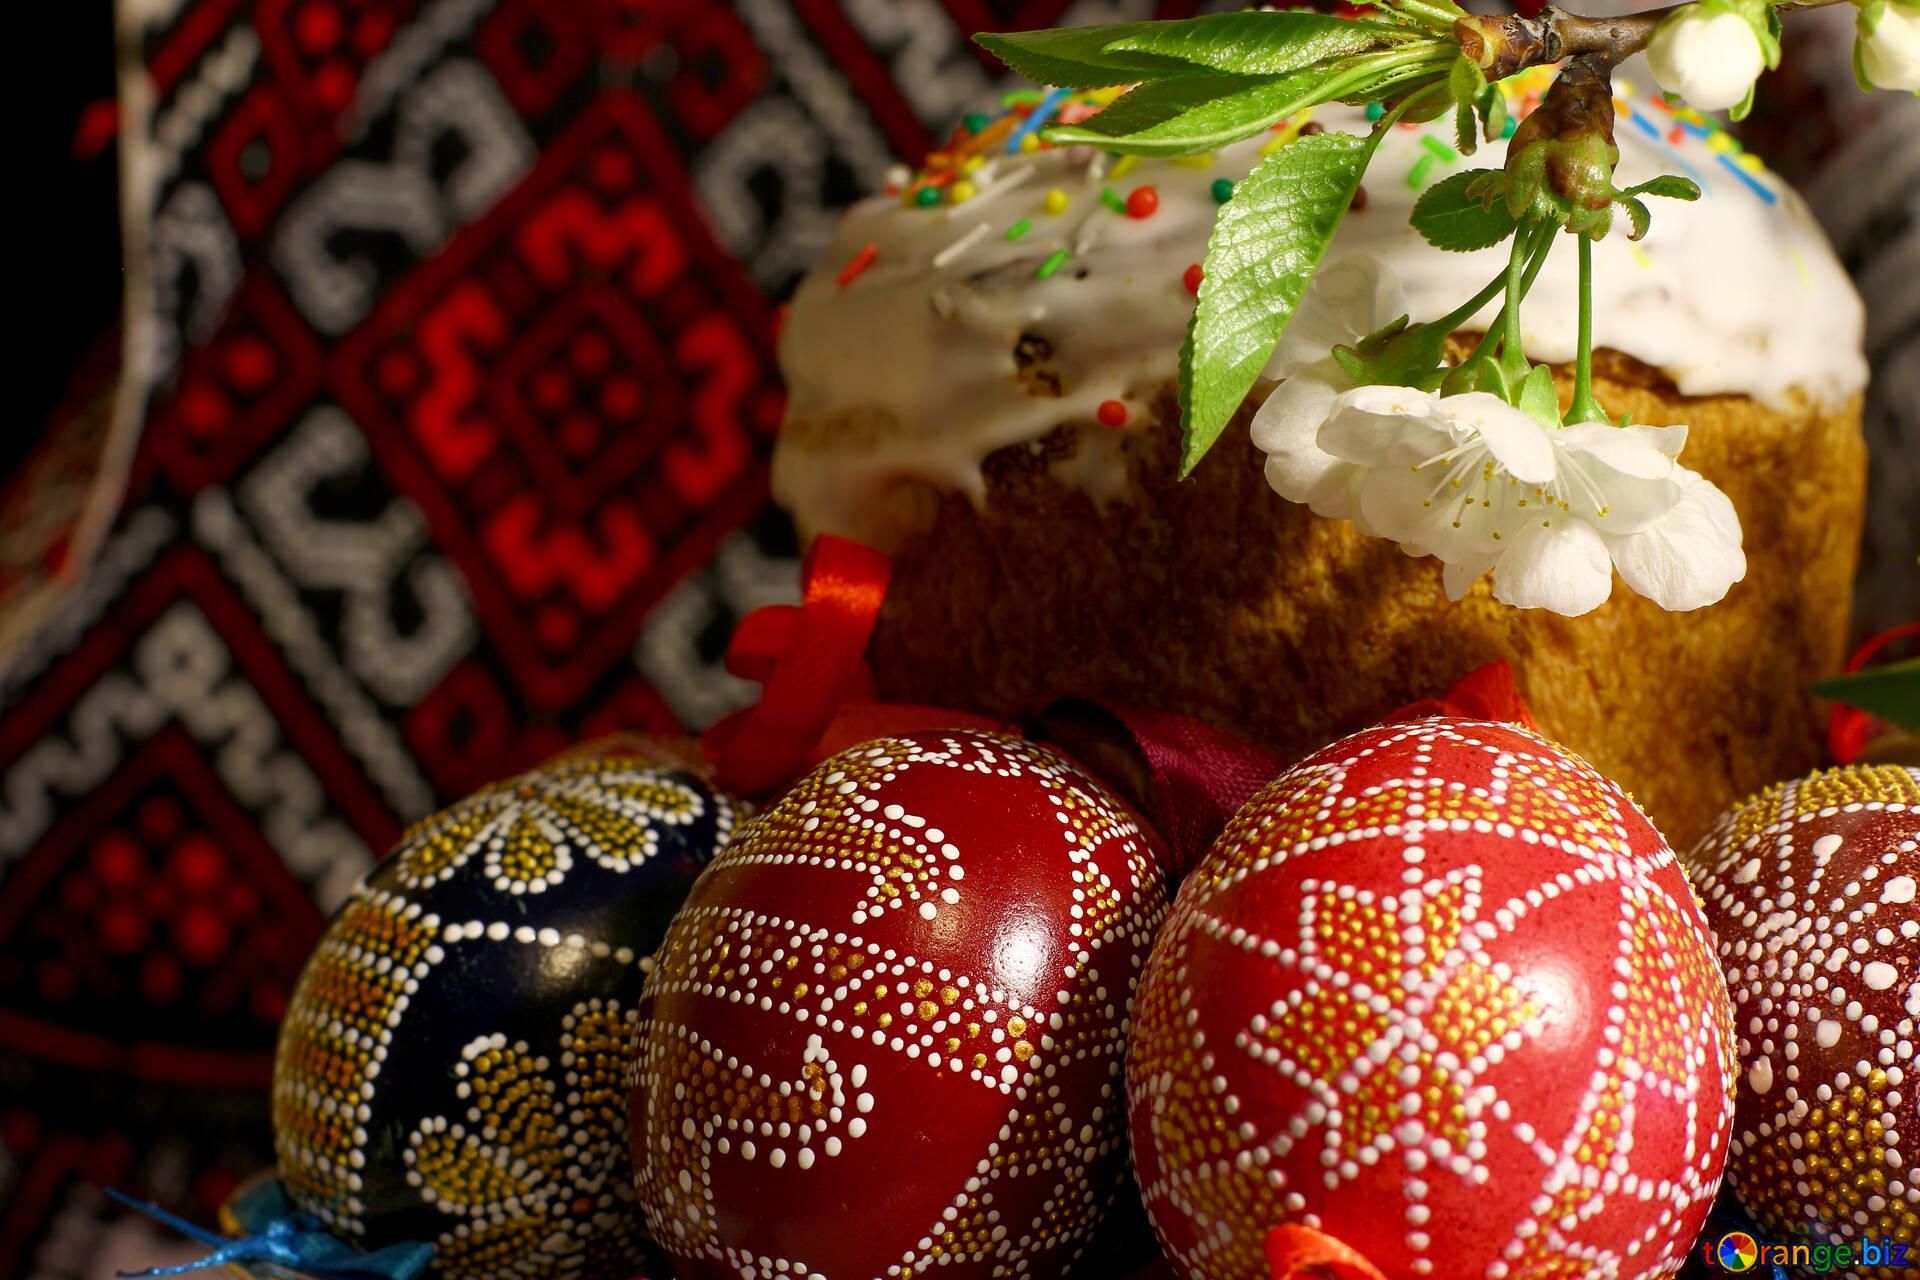 Армянская пасха картинки поздравления, слава богу